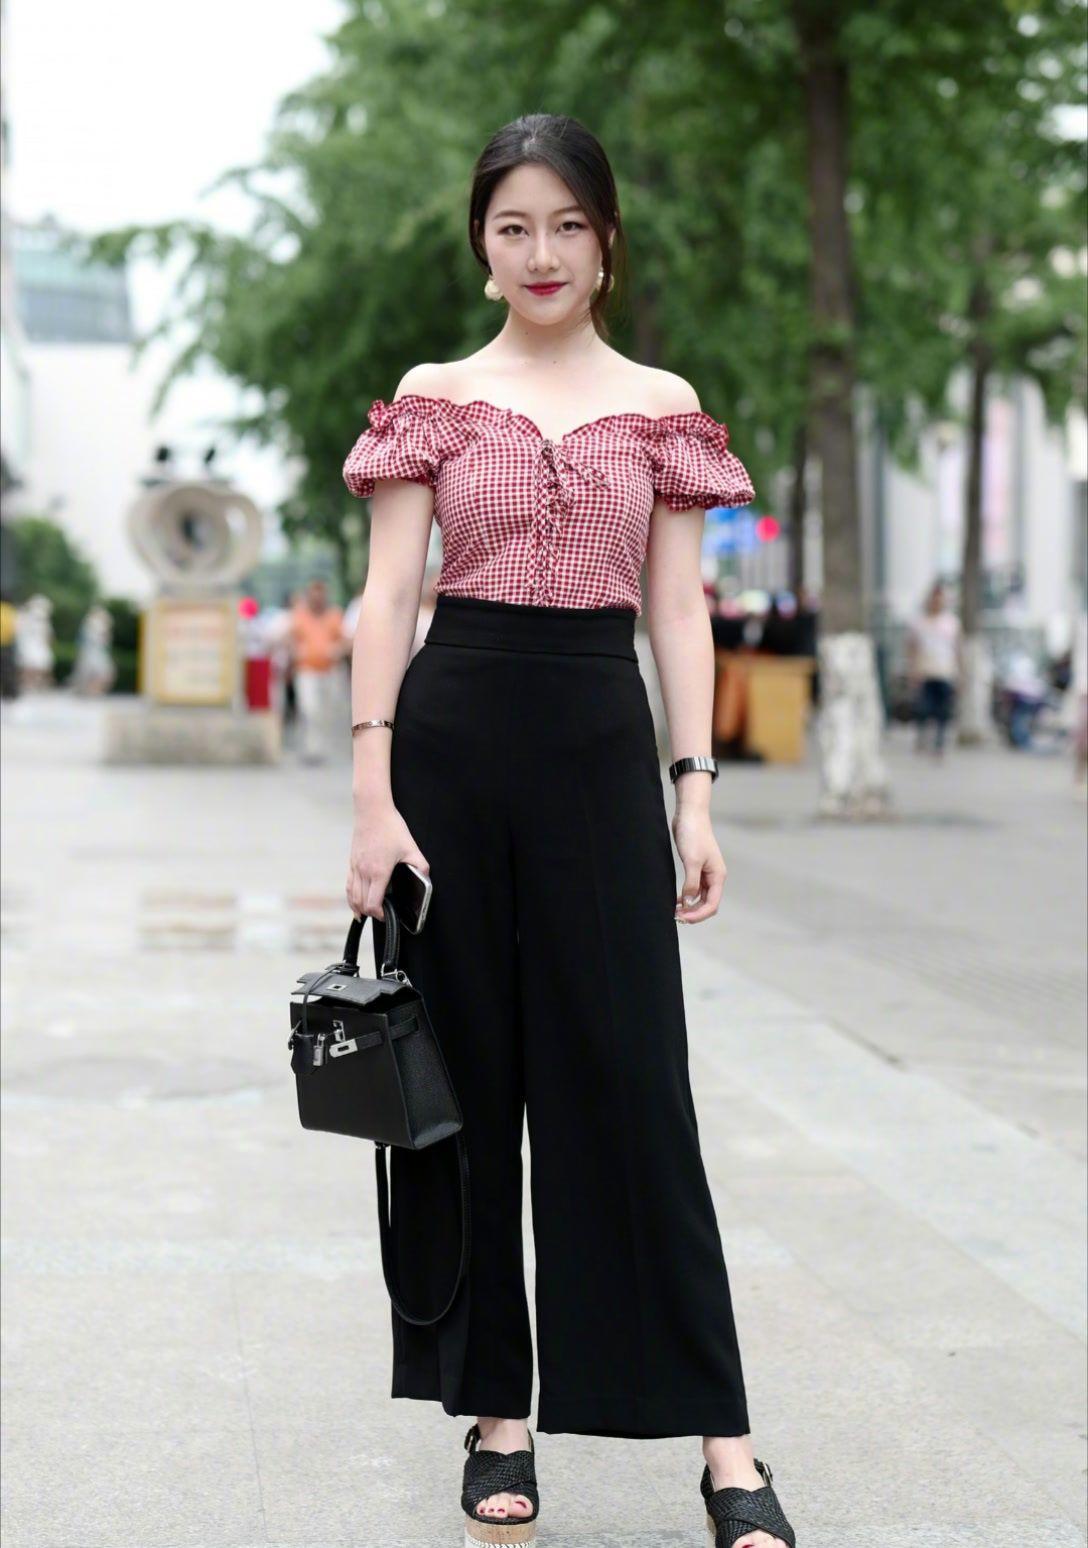 街拍美图:时尚潮流的穿搭,展现动人的魅力,为你增添迷人的风采